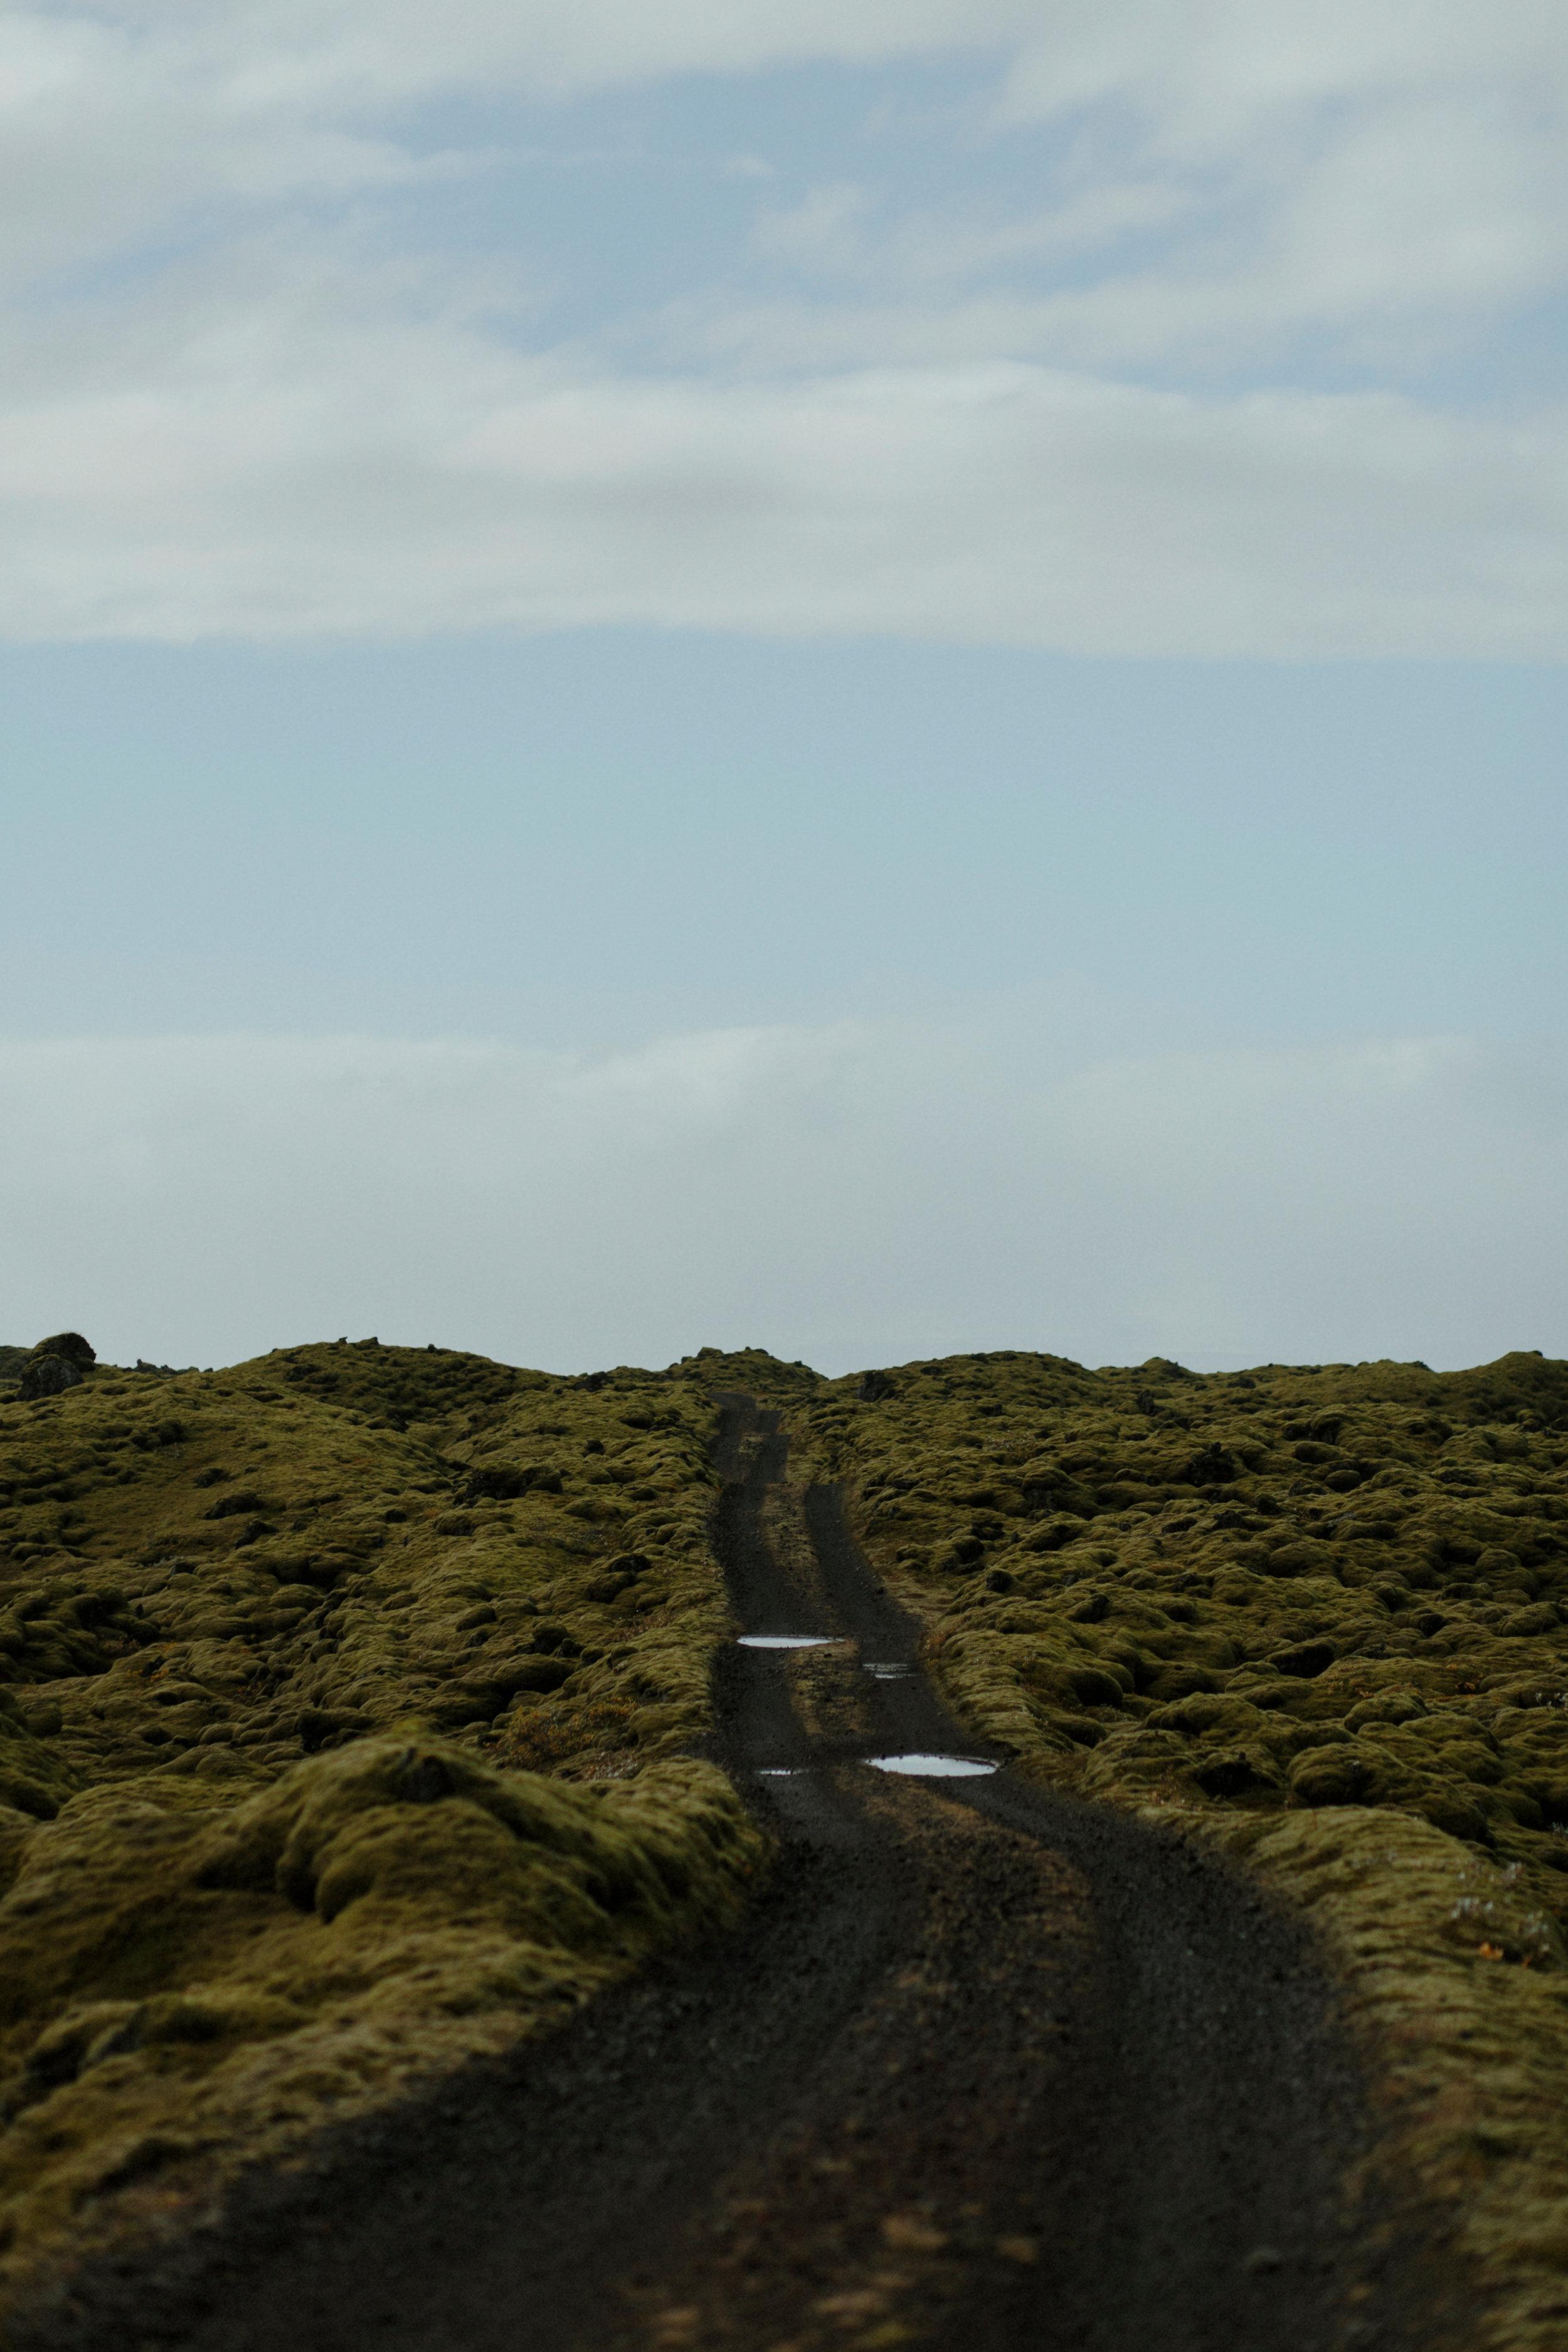 Iceland South Region-82Iceland South Region Grain.jpg